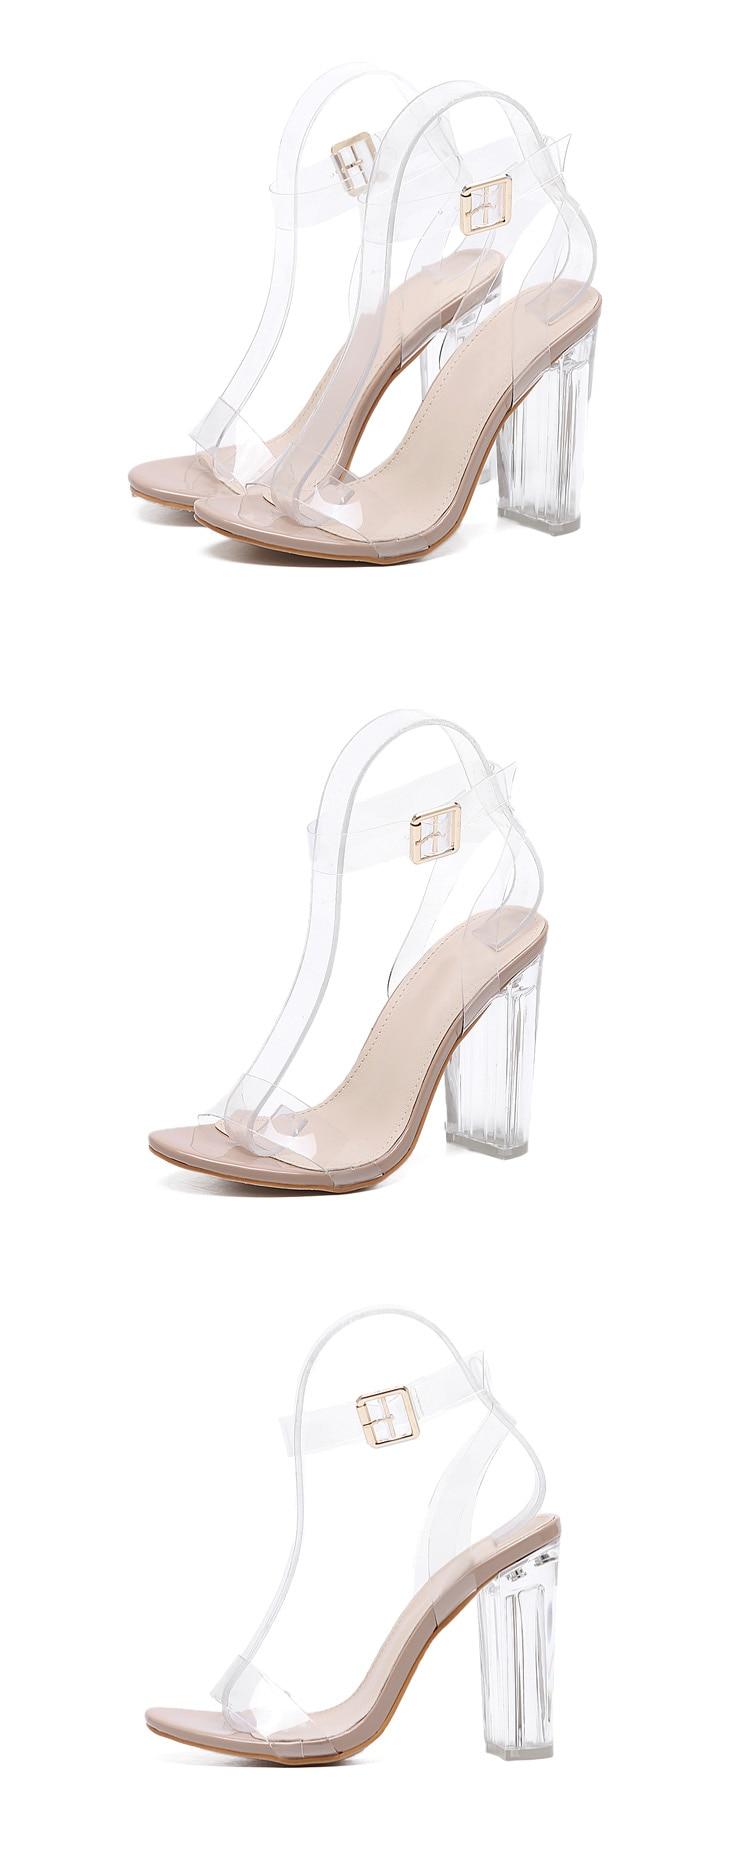 HTB1NGrXXjDpK1RjSZFrq6y78VXaX Eilyken 2019 New PVC Women Sandals Sexy Clear Transparent Ankle Strap High Heels Party Sandals Women Shoes Size 35-42